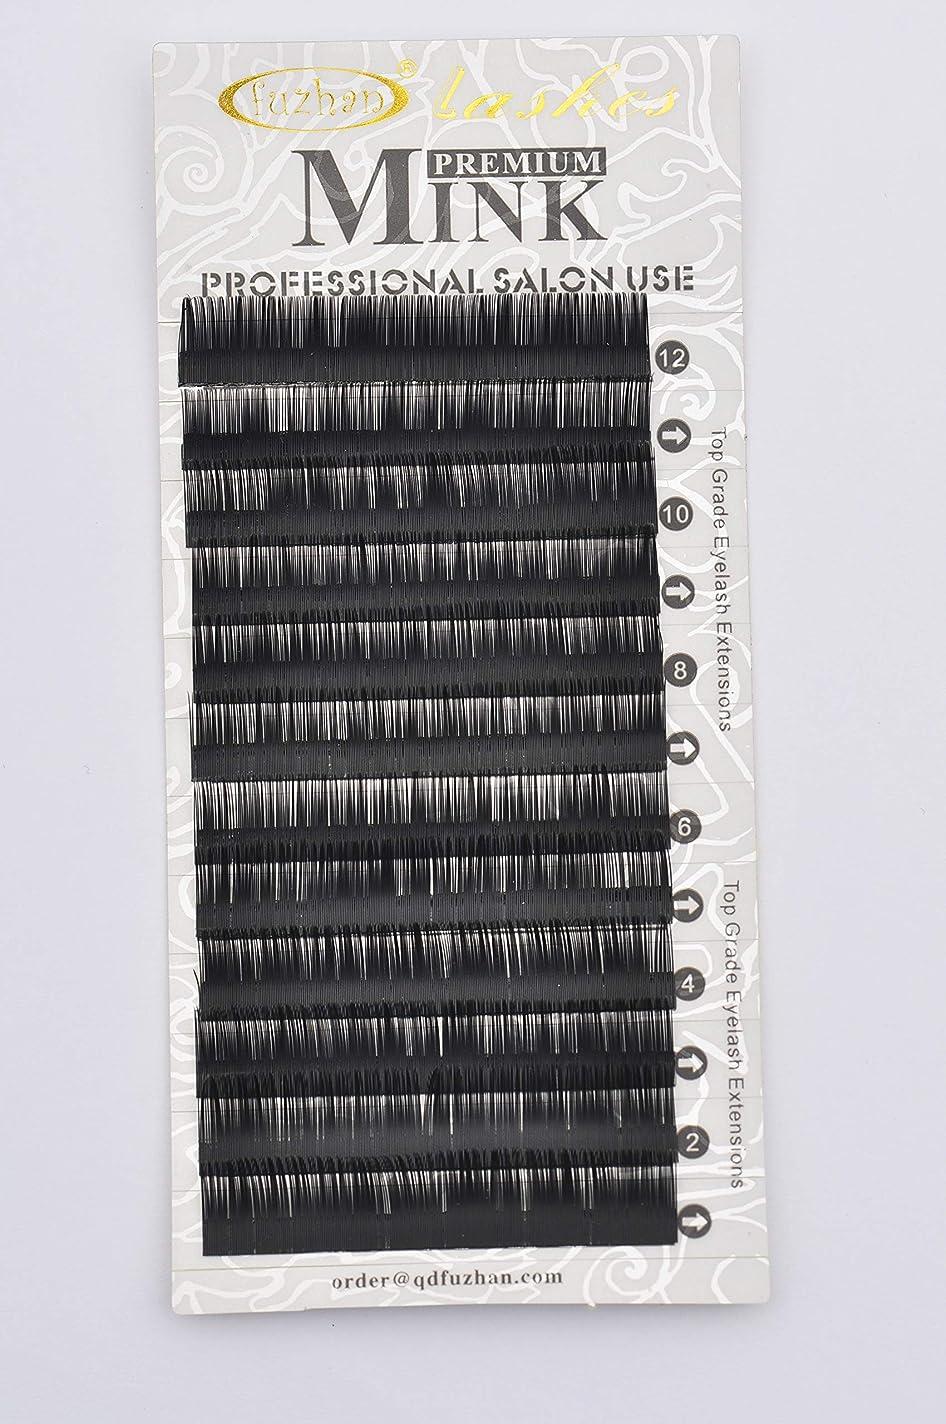 スイッチ不毛の液化するまつげエクステ 太さ0.07mm(カール長さ指定) 高級ミンクまつげ 12列シートタイプ ケース入り (0.07 10mm C)